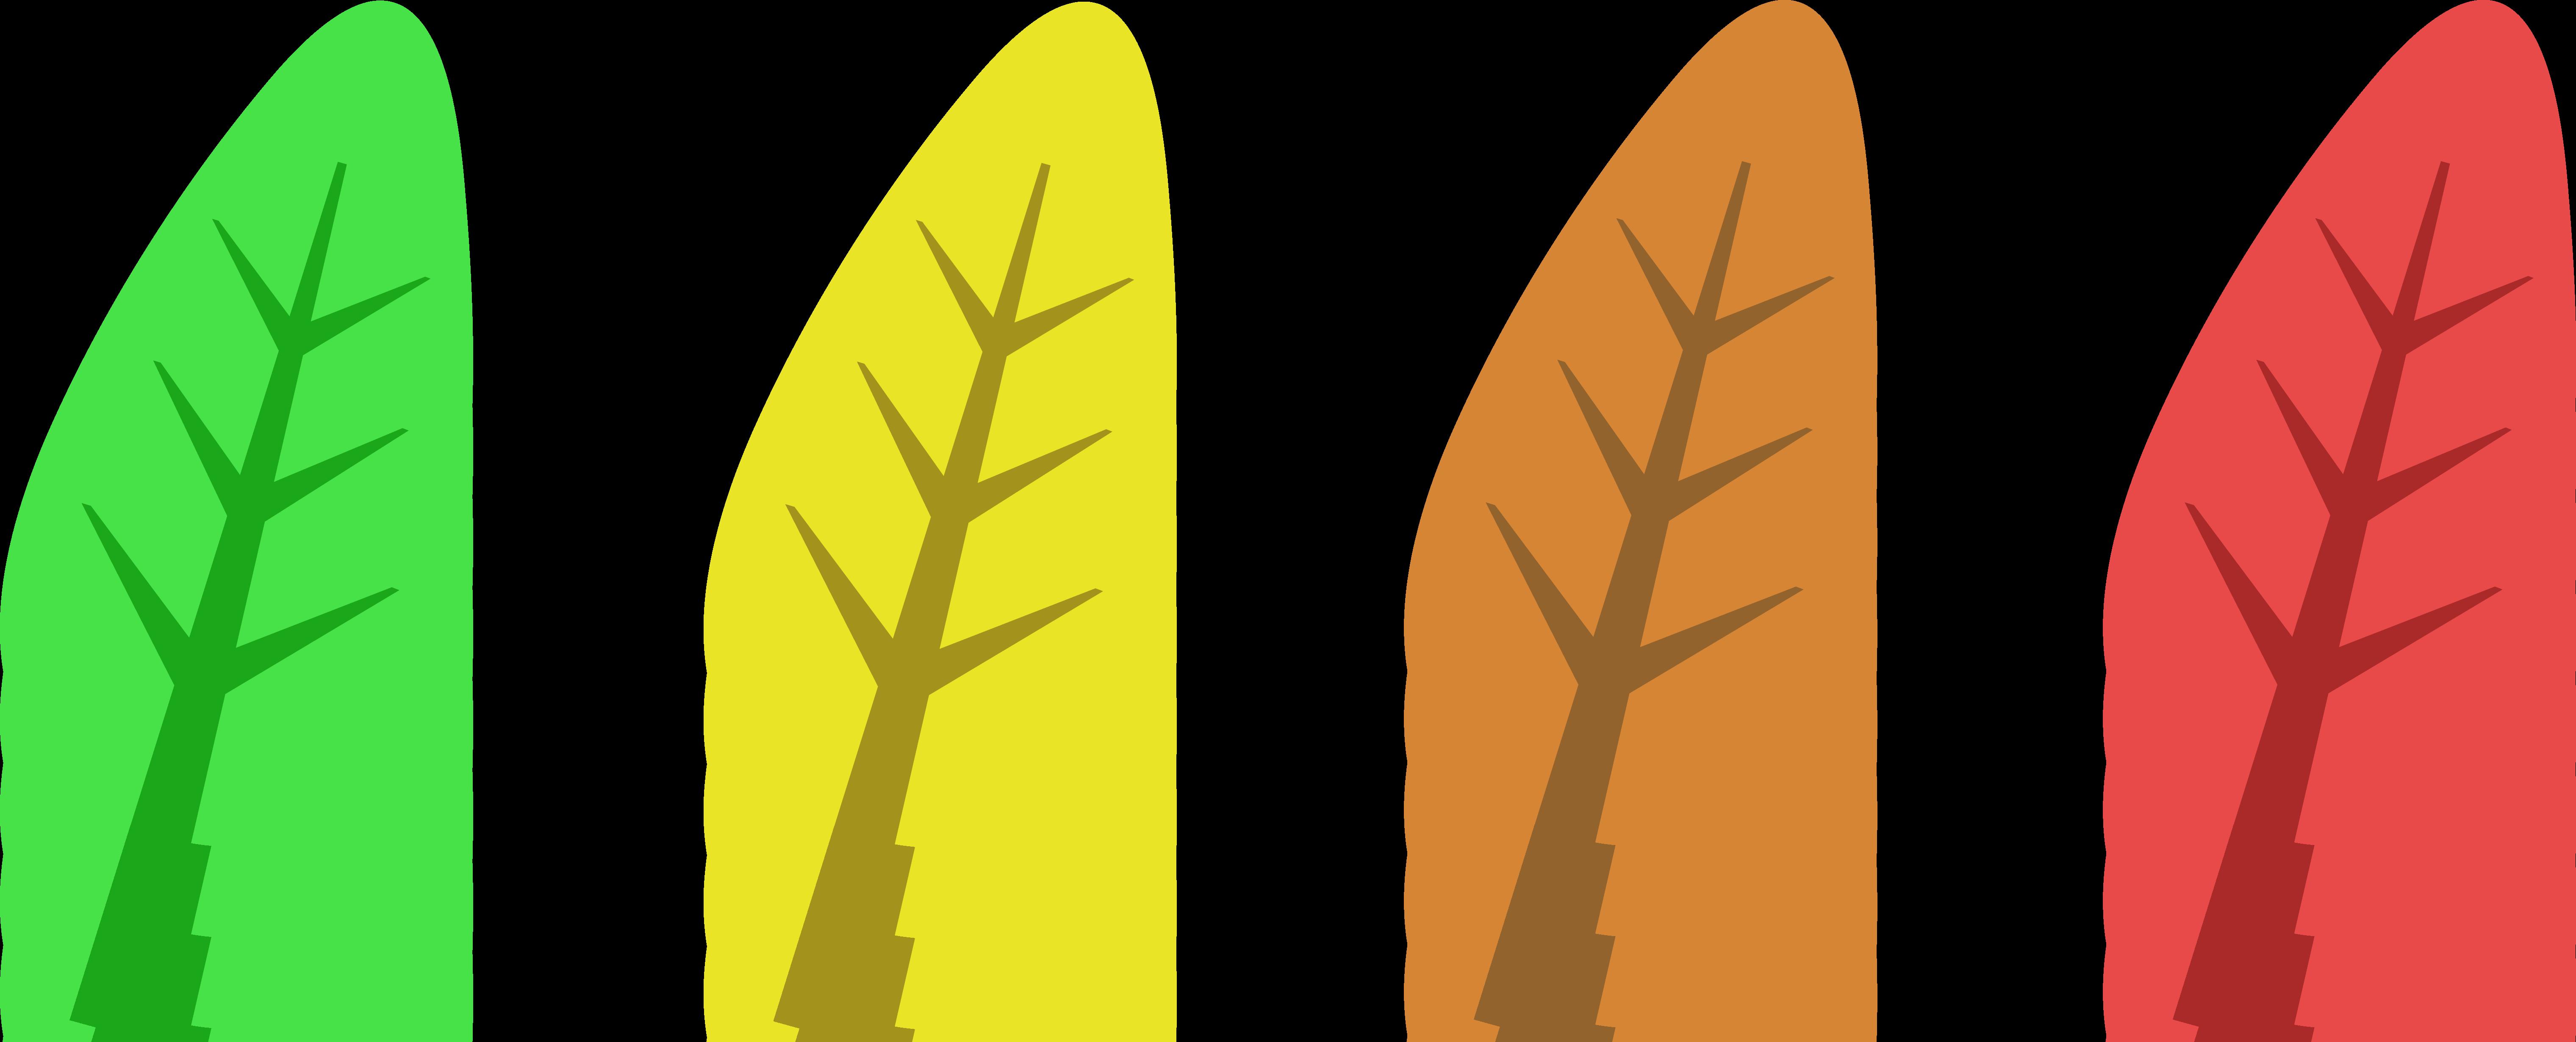 Google images leaves clipart svg transparent library Clip Art Of Leaves & Clip Art Of Leaves Clip Art Images ... svg transparent library